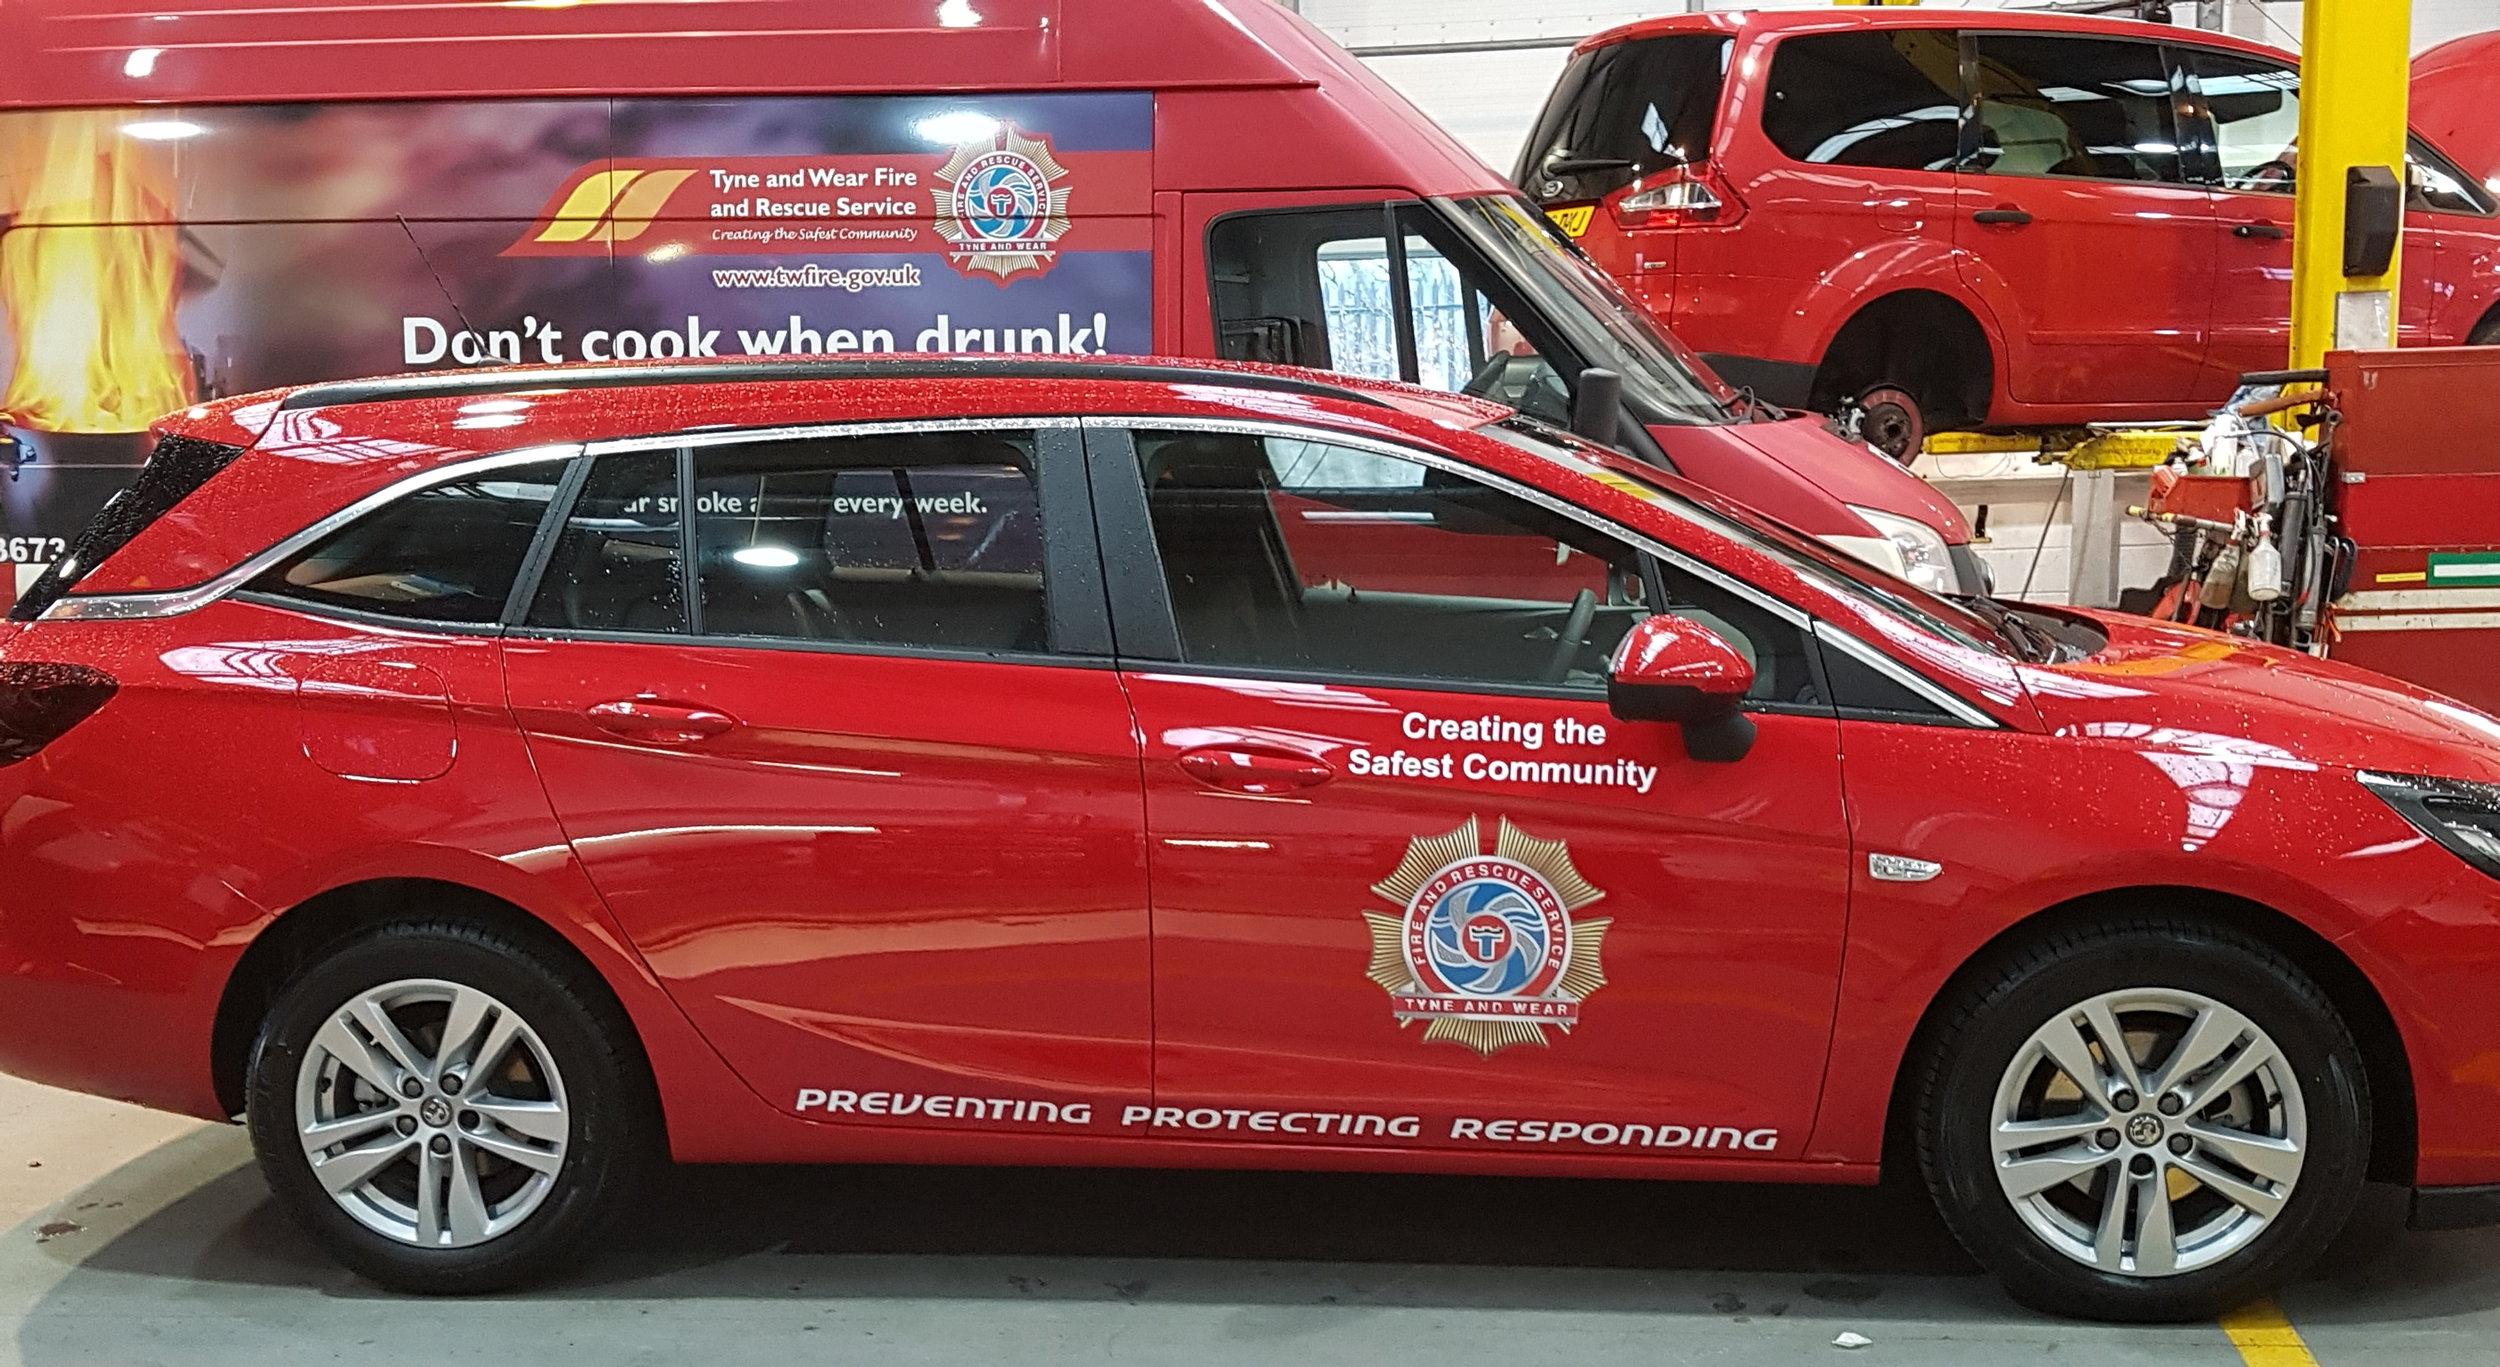 fire brigade van graphics